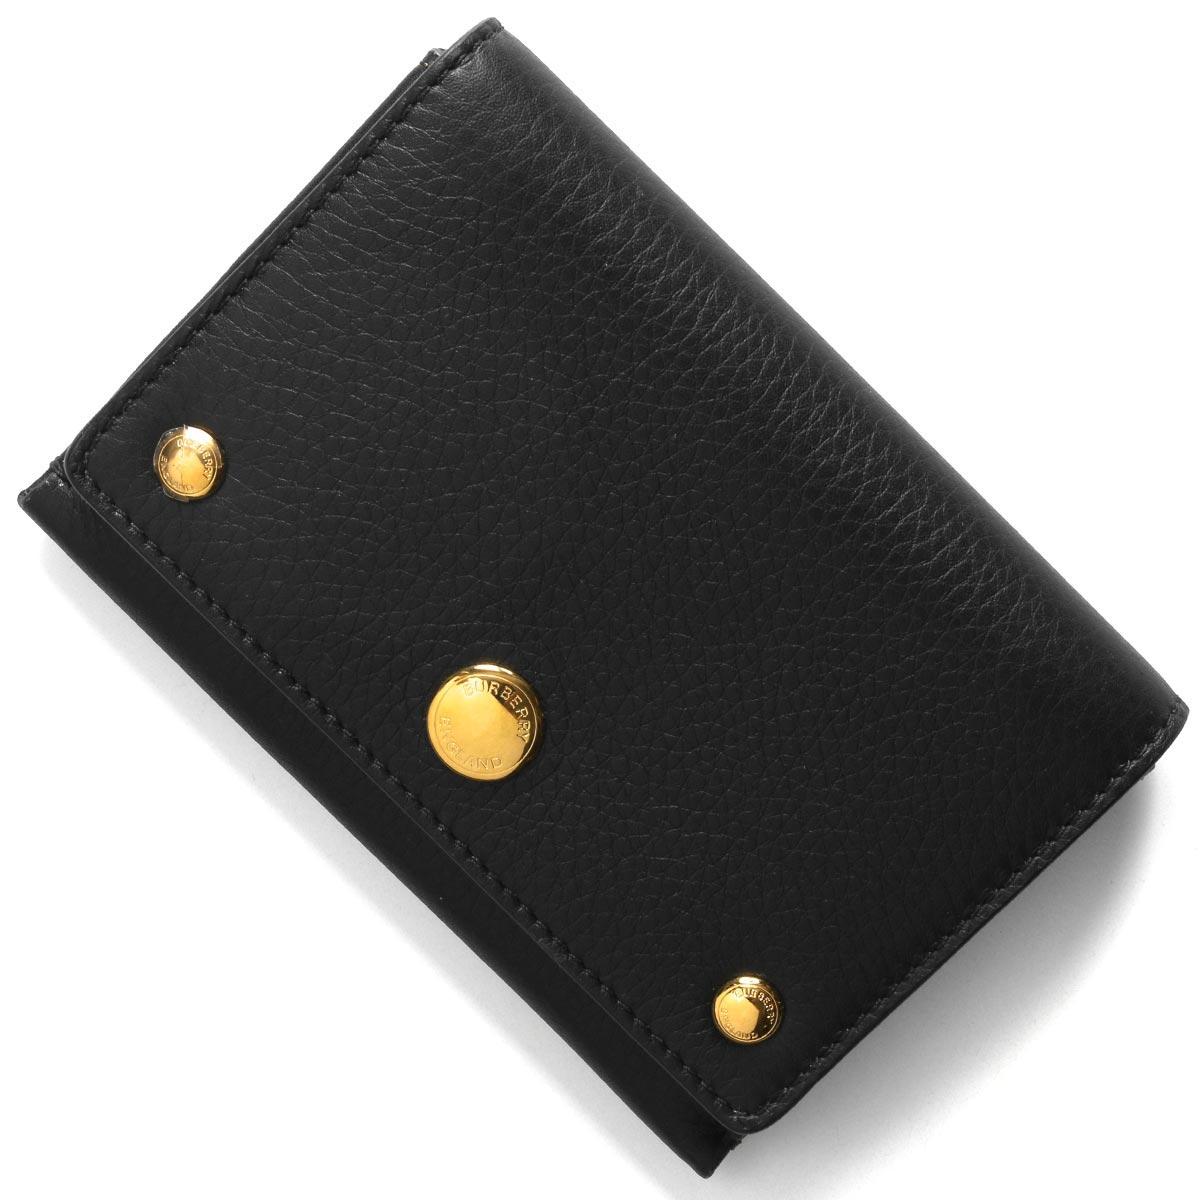 バーバリー 二つ折り財布/コインケース【小銭入れ】/カードケース 財布 メンズ レディース ジェイド ブラック 8011913 ACBGX A1189 BURBERRY